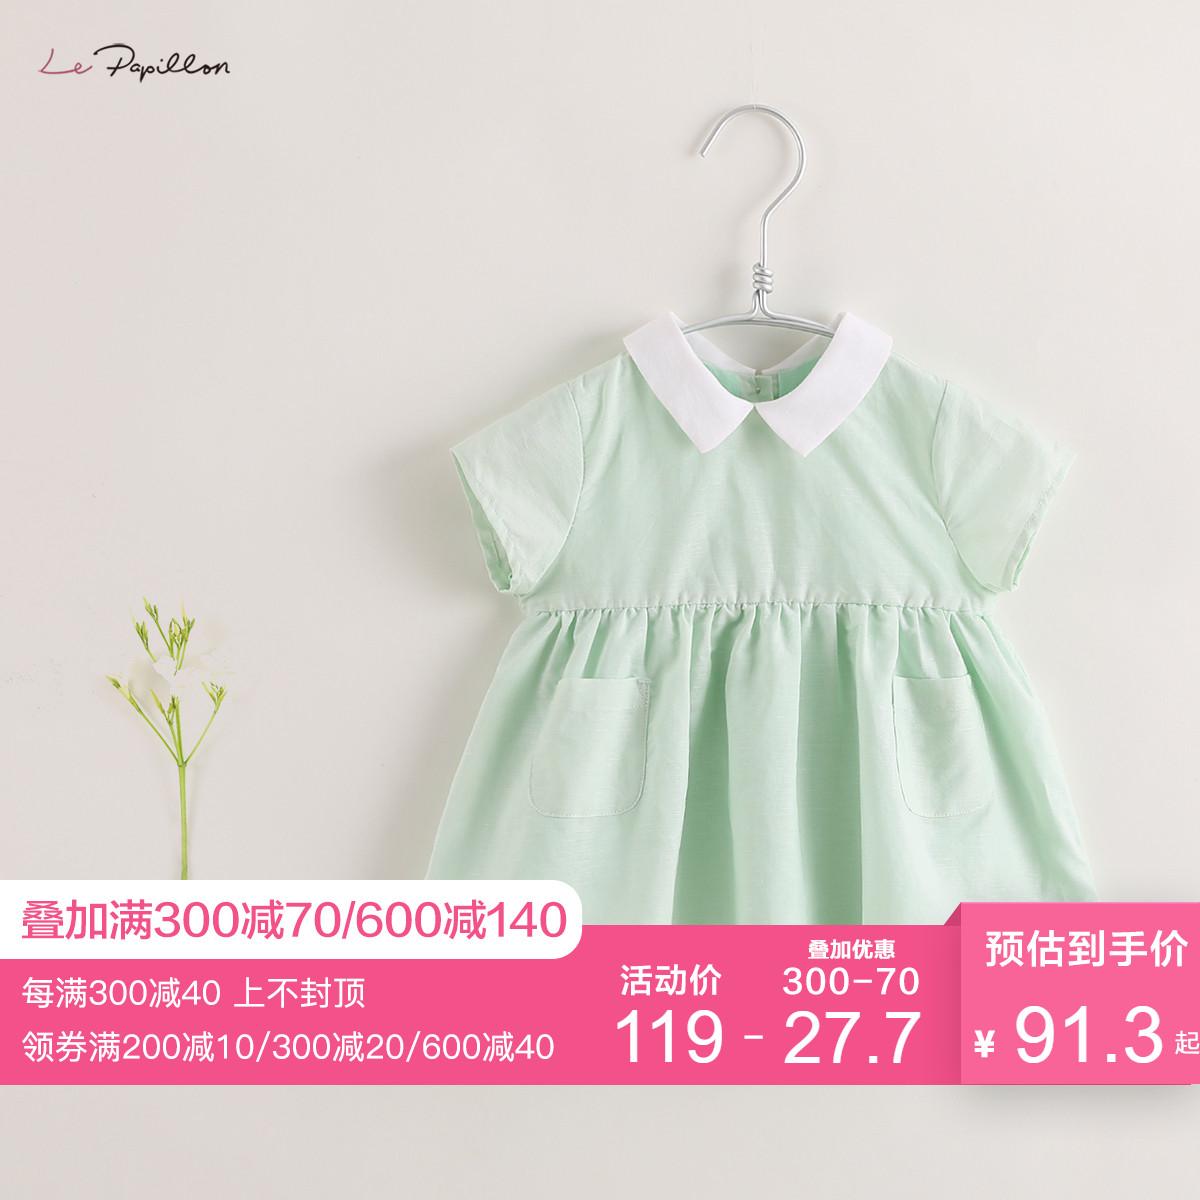 【马克珍妮 法式系列】女童夏装棉麻连衣裙 宝宝裙子夏季18576